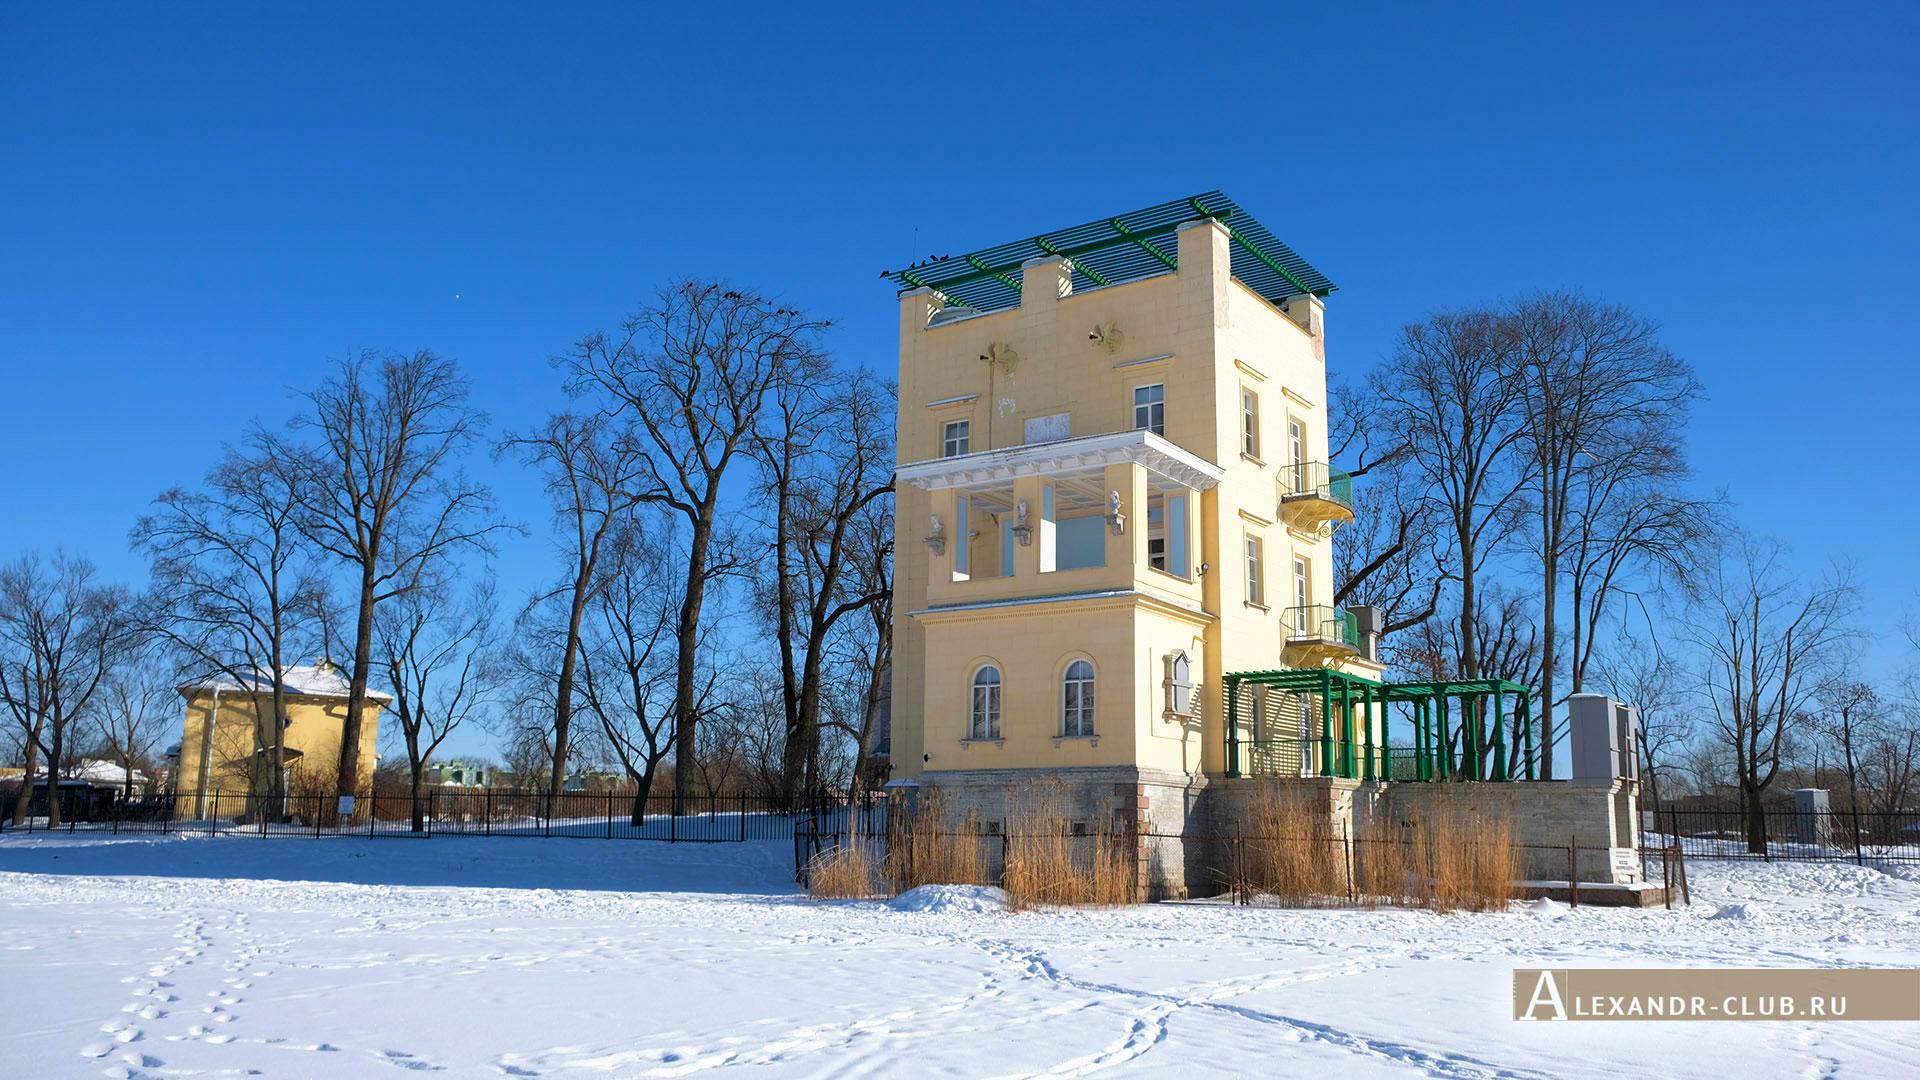 Петергоф, Колонистский парк, зима, Ольгин павильон